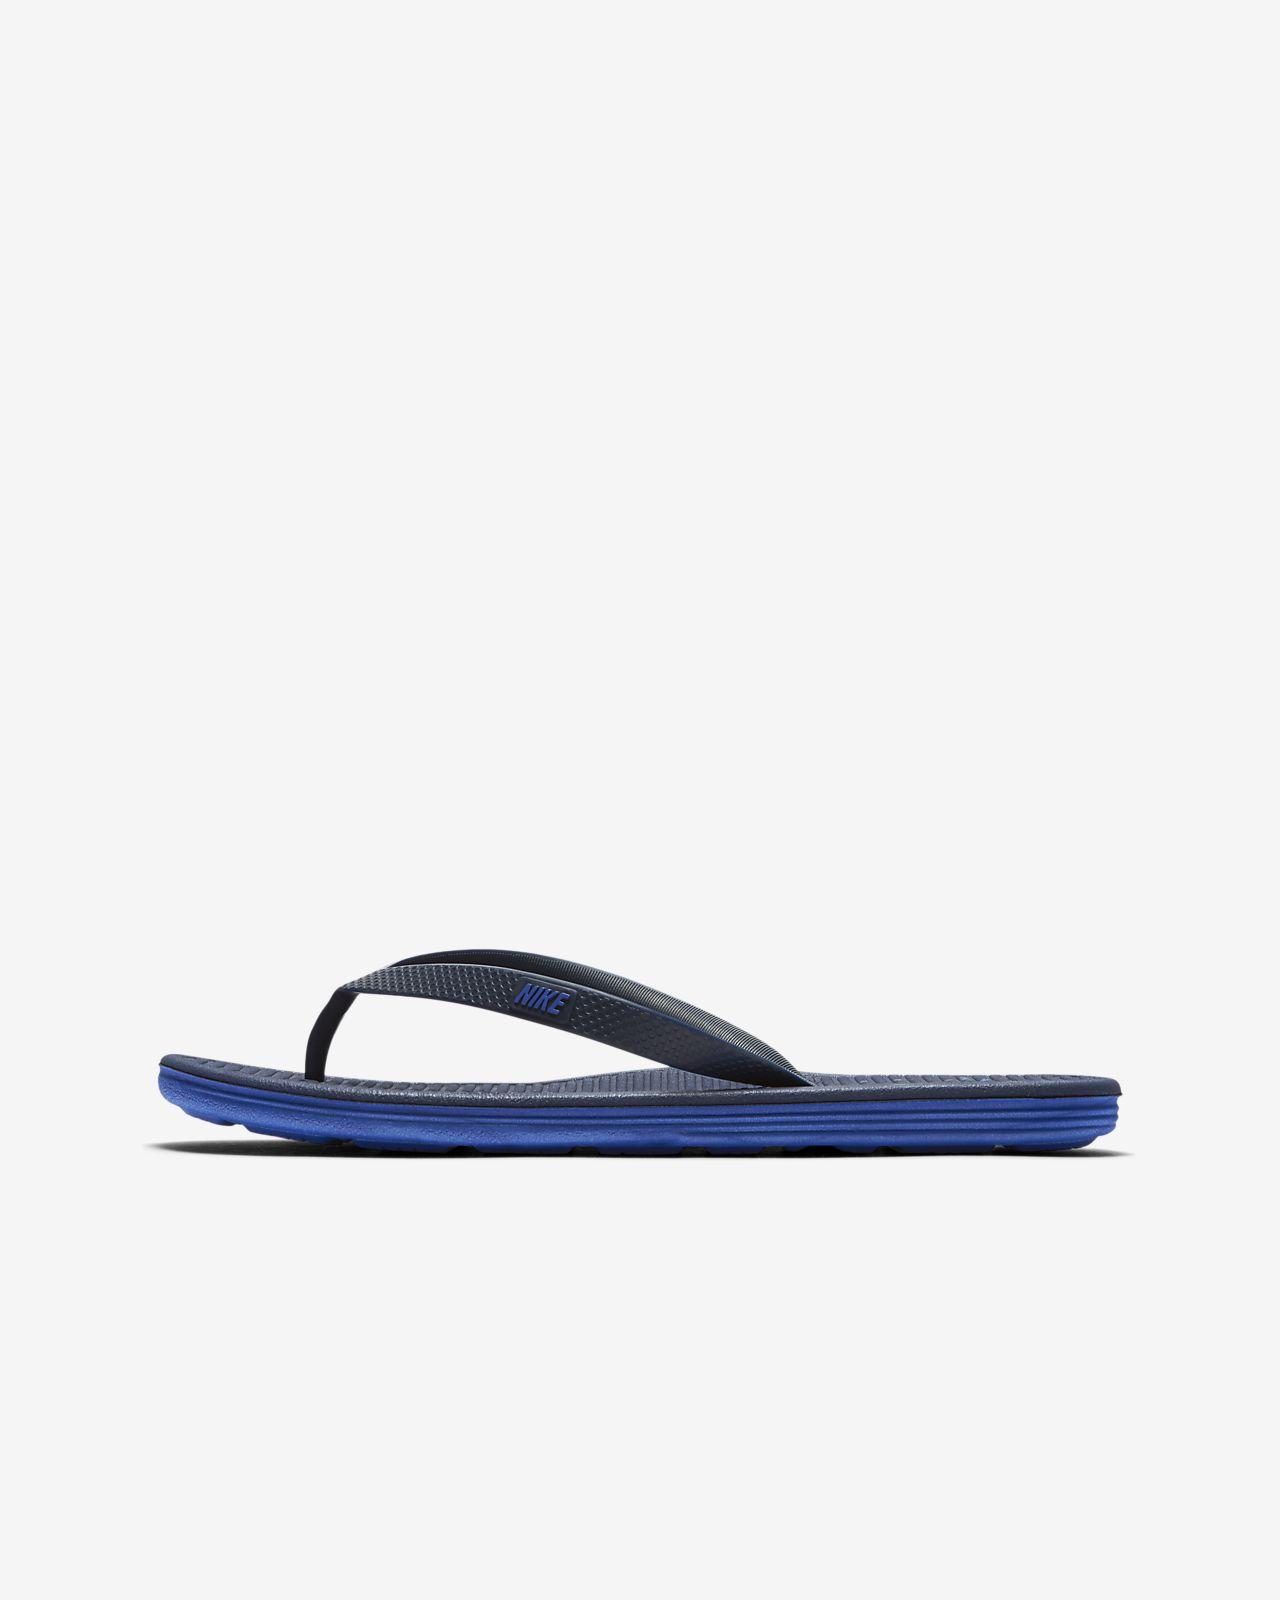 6d5fb40fac8 Nike Solarsoft II Men s Flip Flop. Nike.com GB